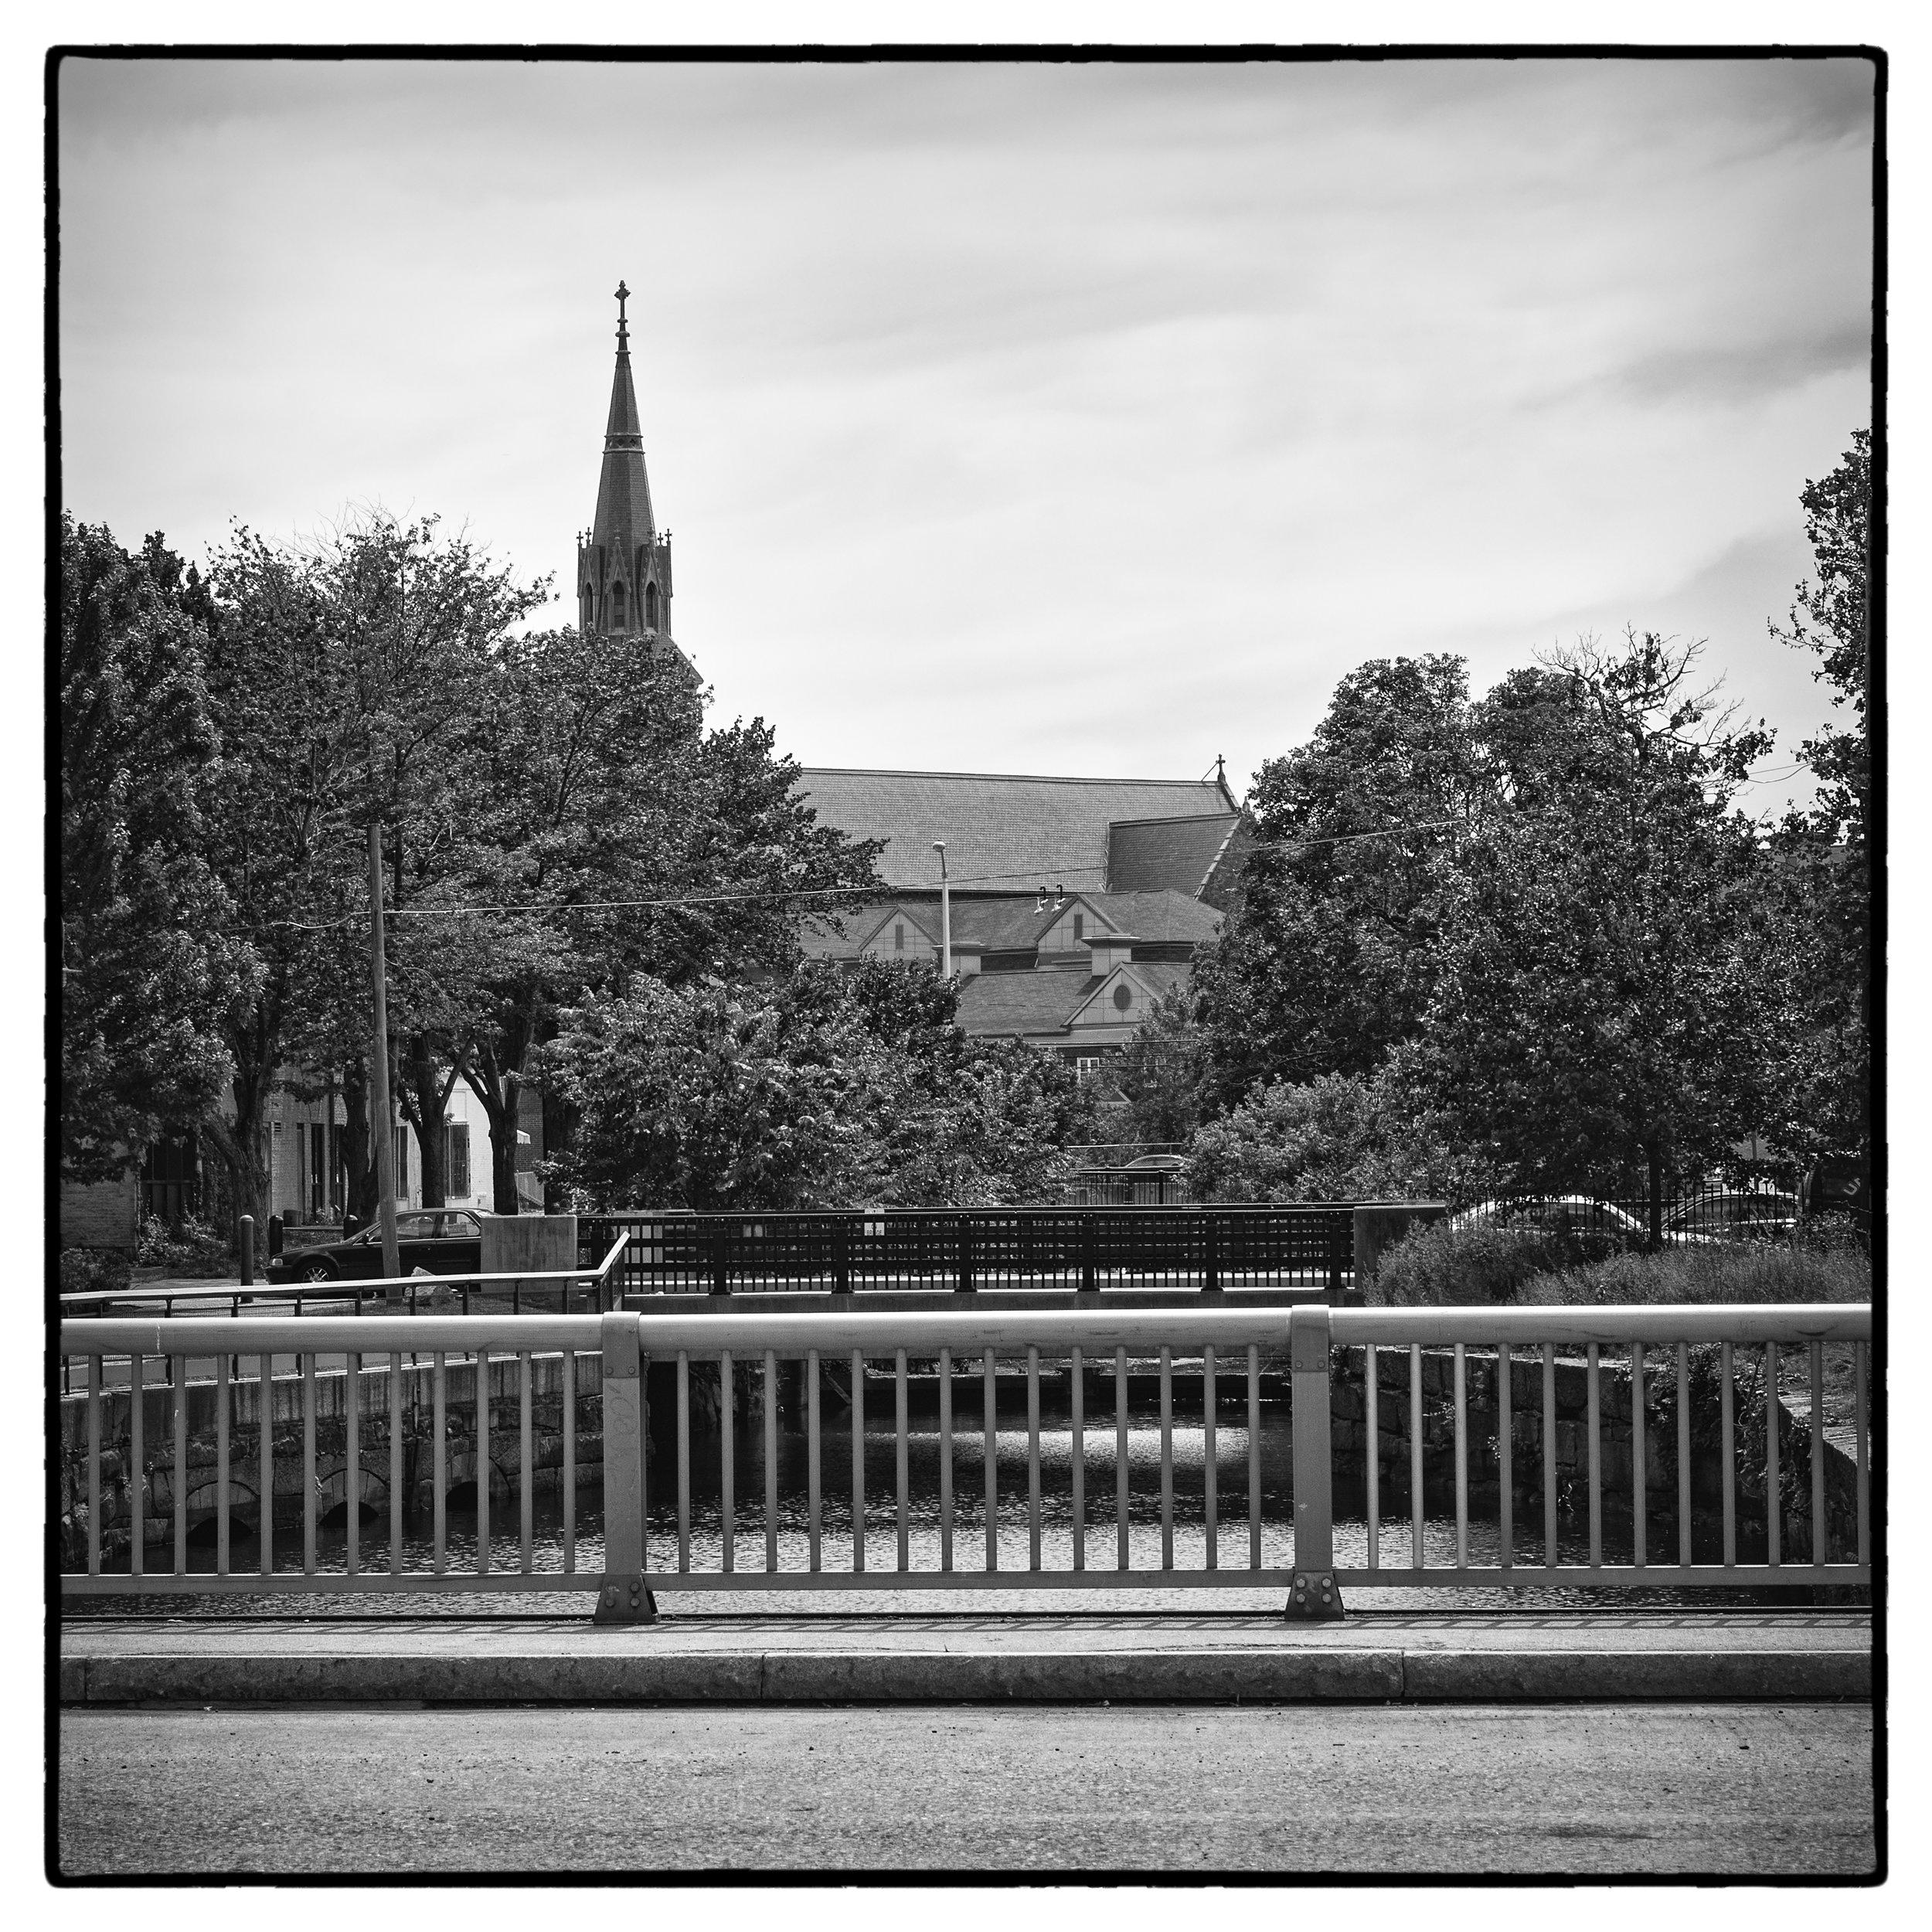 Father_Morrisette_Blvd_Bridge_V2_2016_Jeff_Caplan.jpg